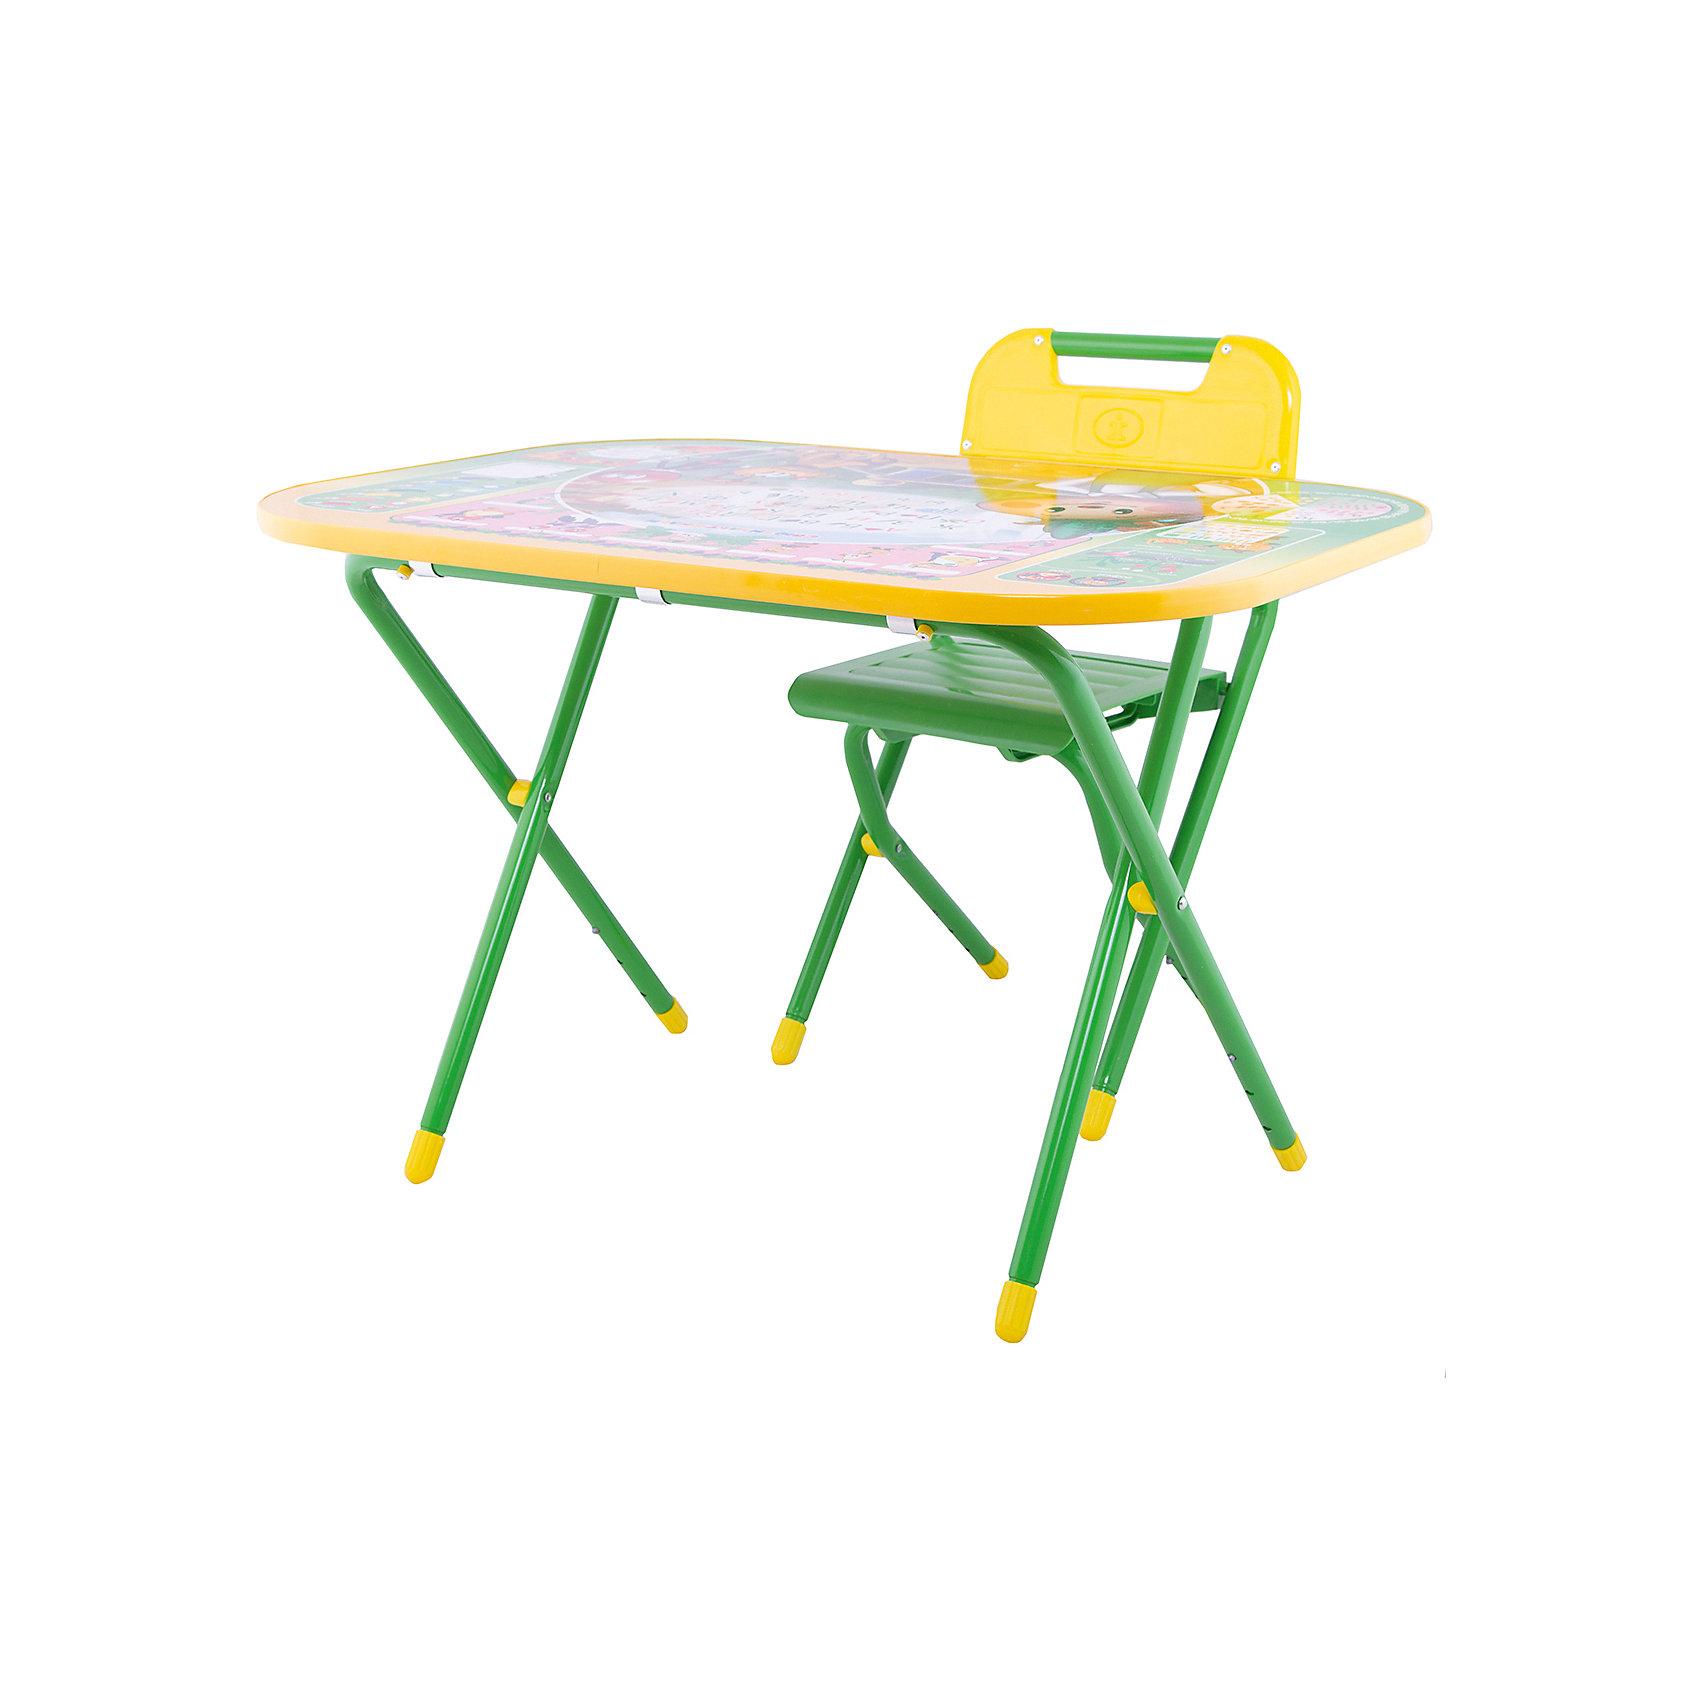 Набор мебели Дошколёнок Чиполлино, Дэми, зеленыйДетские столы и стулья<br>Яркий набор складной мебели для игр и обучения сразу понравится Вашему малышу! Набор отвечает всем требованиям удобства и правильной осанки ребенка. Высота стула и столешницы регулируется. Так же, столешницу можно легко превратить в парту, всего лишь изменив наклон. Крепкие металлические ножки и прочный пластиковый корпус гарантируют надежность набора.<br><br>Дополнительная информация: <br><br>- Возраст: от 3 лет.<br>- Цвет: зеленый.<br>- В наборе: складной стол, складной стул, съемный пенал, ящик для хранения, желоб для канцелярских принадлежностей, руководство по эксплуатации.<br>- Материал: пластмасса, металл.<br>- Высота стола: 52-58 см.<br>- Высота стула: 34-39 см.<br>- Размер рабочей поверхности: 55x80 см.<br>- Размер упаковки: 77х74х14 см.<br>- Вес в упаковке: 10кг.<br><br>Купить набор мебели Дошколенок Чиполлино от Дэми в зеленом цвете, можно в нашем магазине.<br><br>Ширина мм: 150<br>Глубина мм: 800<br>Высота мм: 800<br>Вес г: 10000<br>Возраст от месяцев: 36<br>Возраст до месяцев: 84<br>Пол: Унисекс<br>Возраст: Детский<br>SKU: 5097943